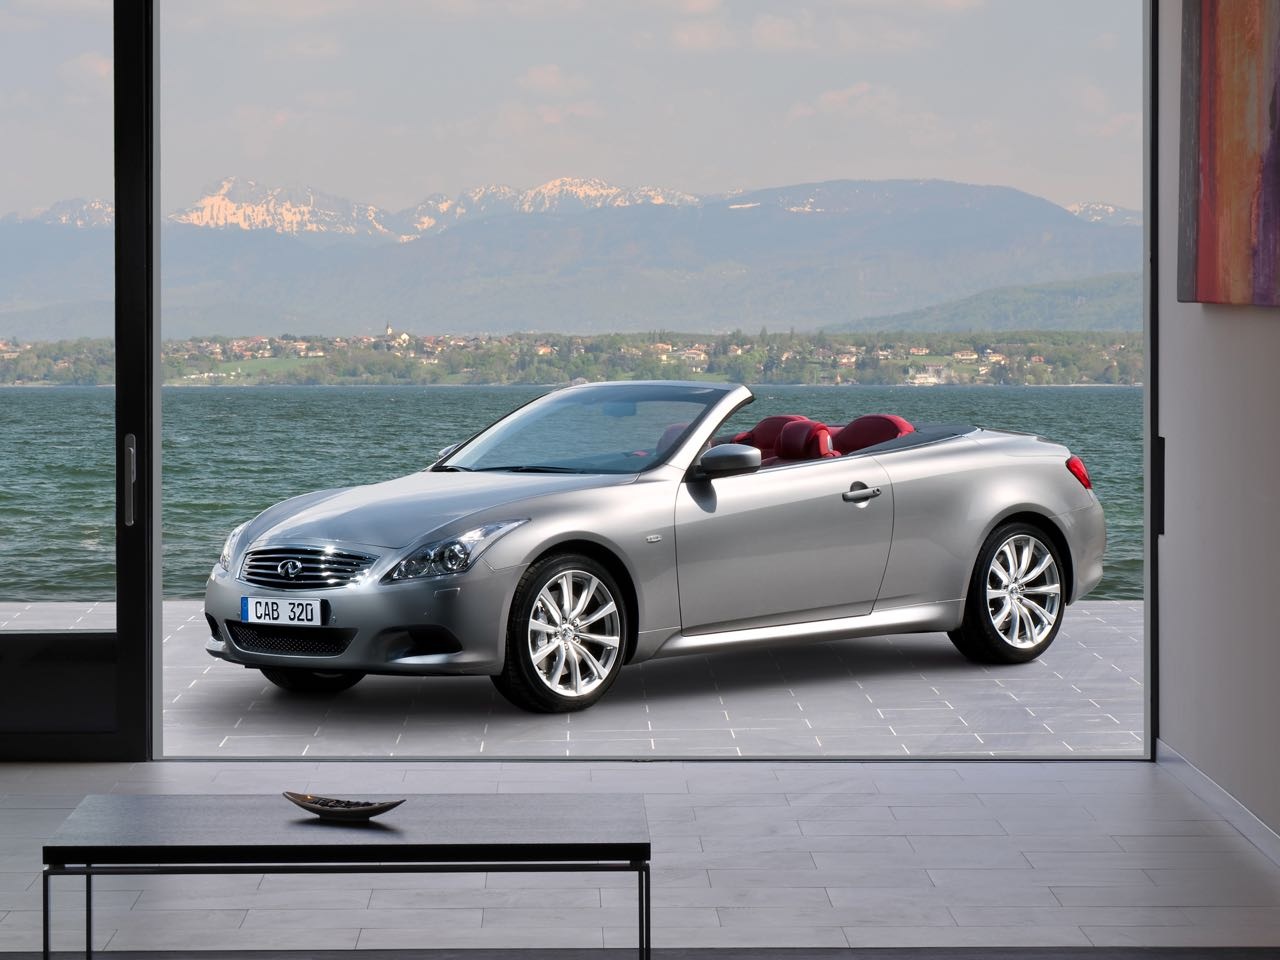 Infiniti G37 Cabrio 2009 – 4